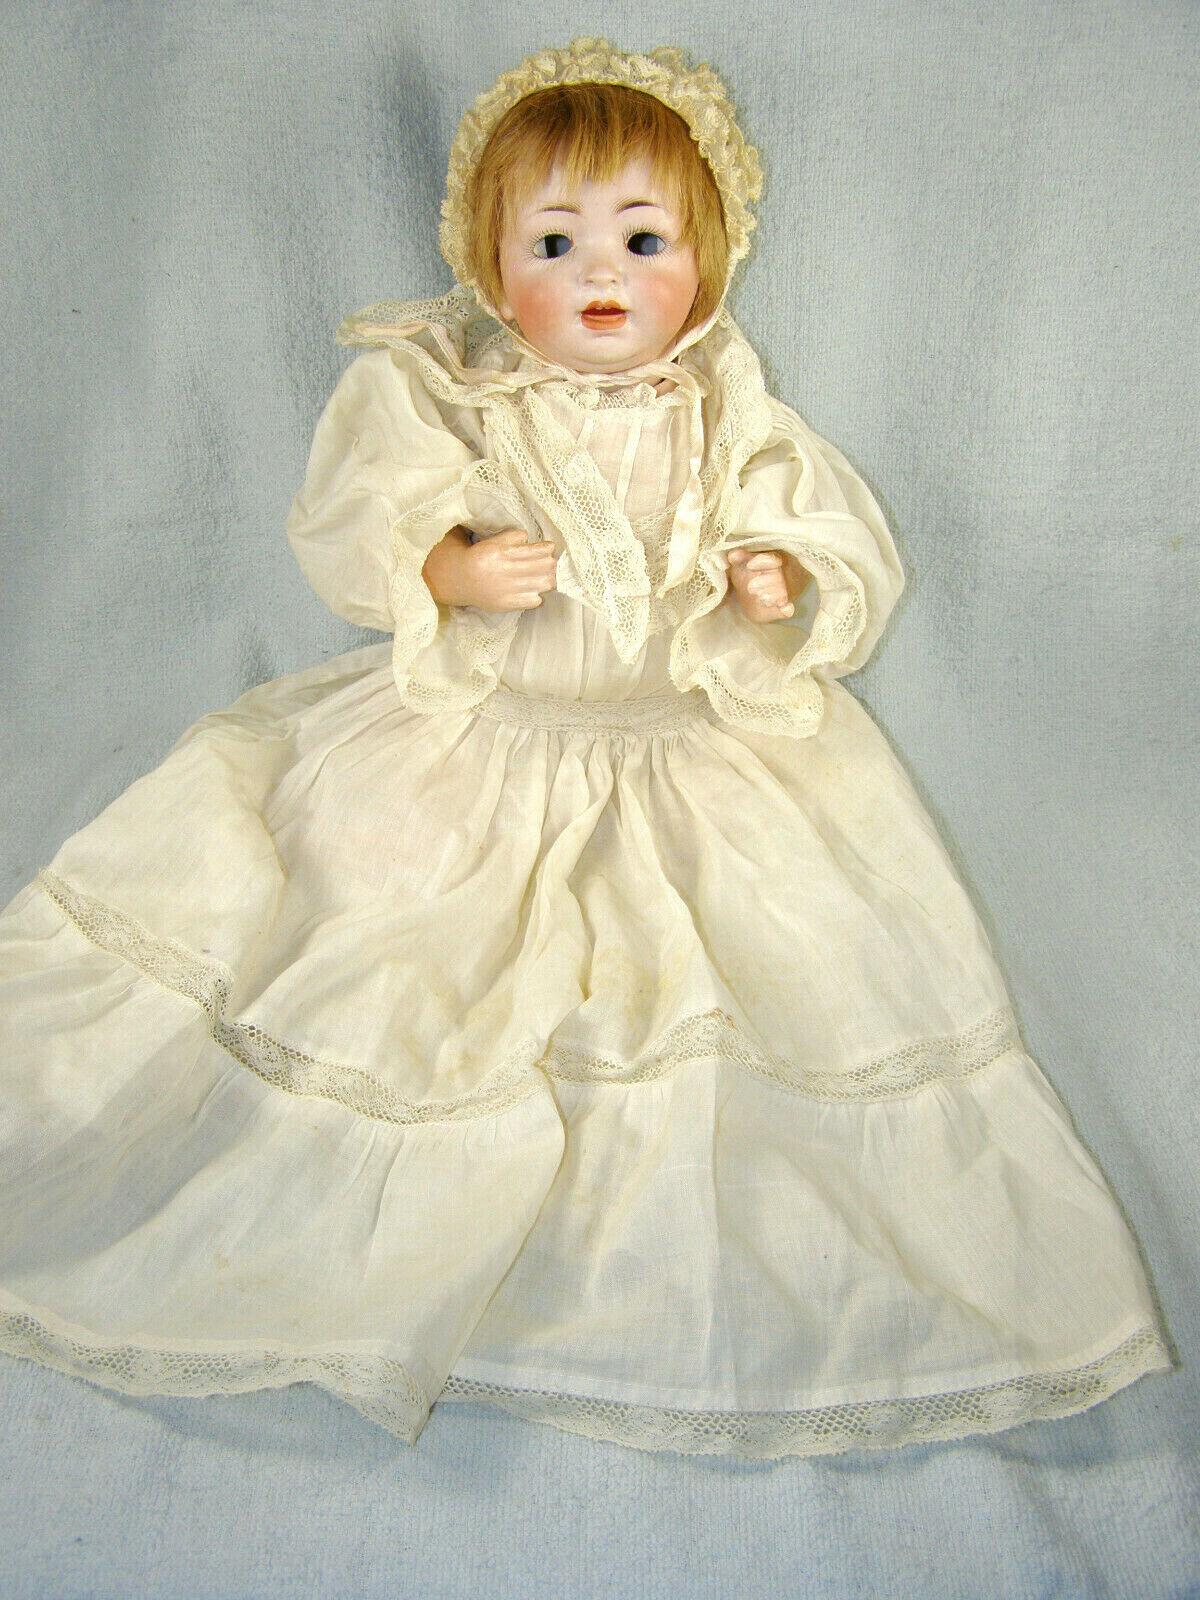 Antique Kestner JDK German Bisque Character Baby Doll - 152-4